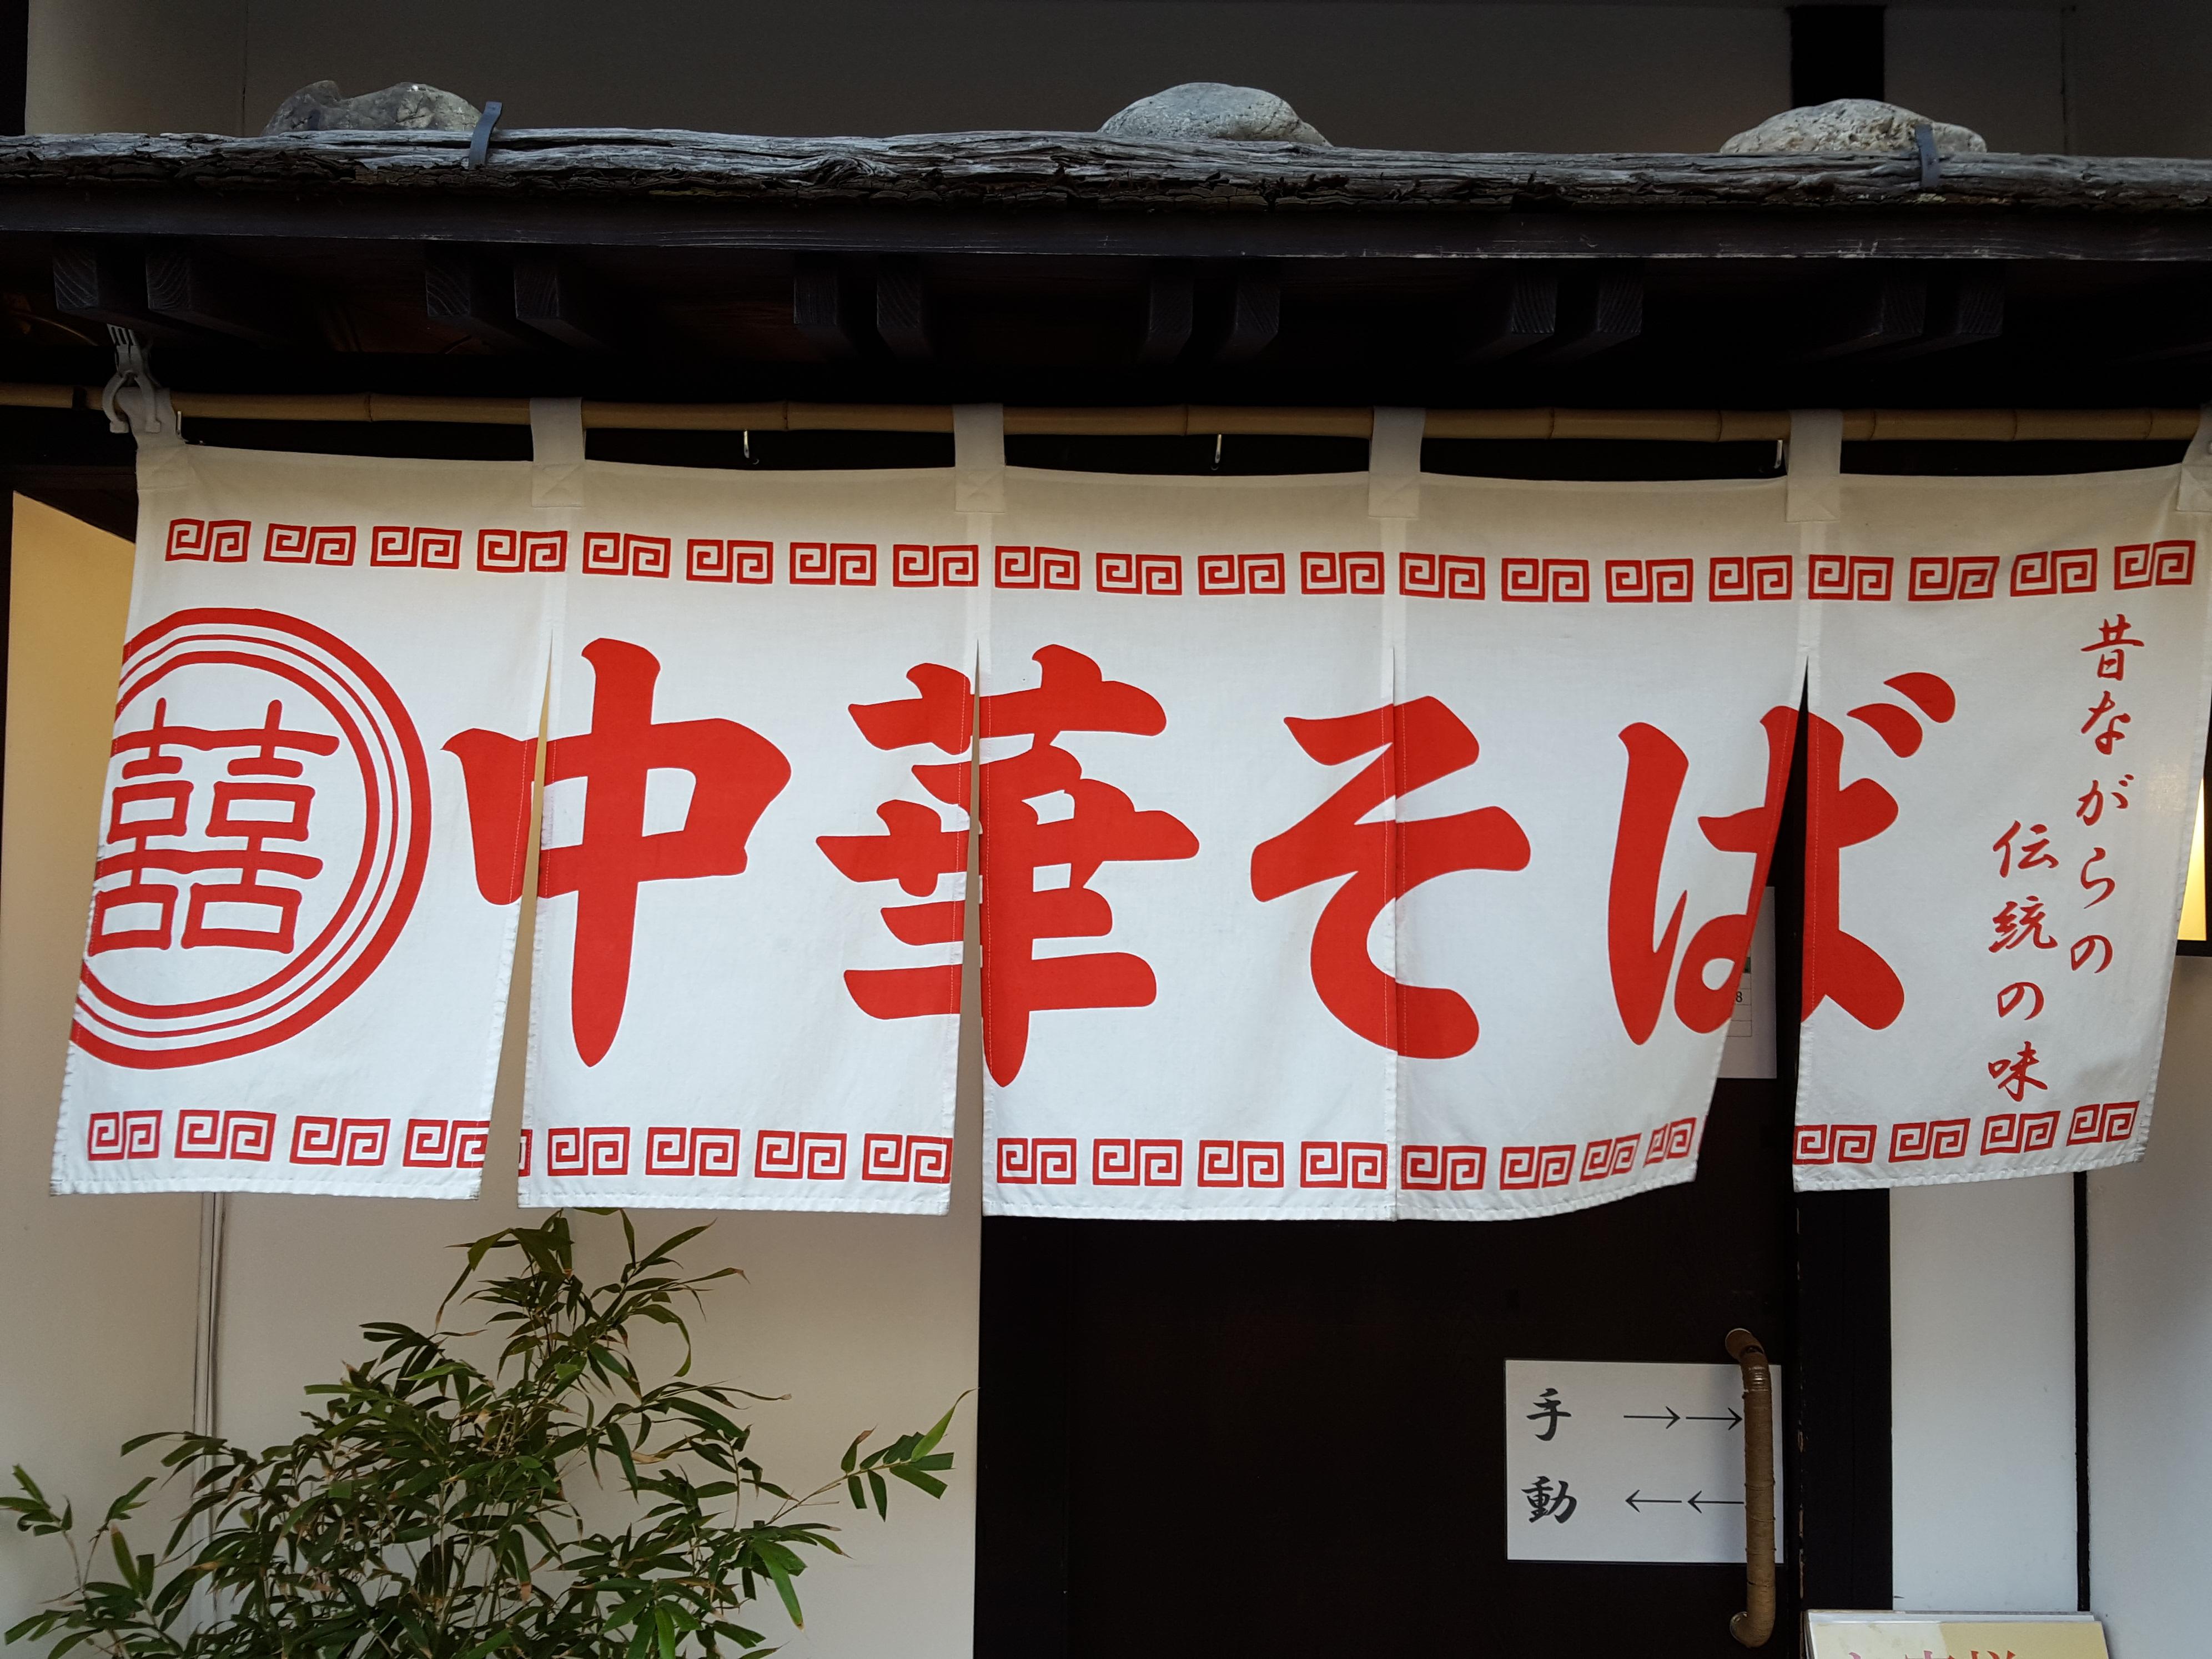 麺屋「勝木」極あっさり中華そば(塩)&ミニチャーシュー飯